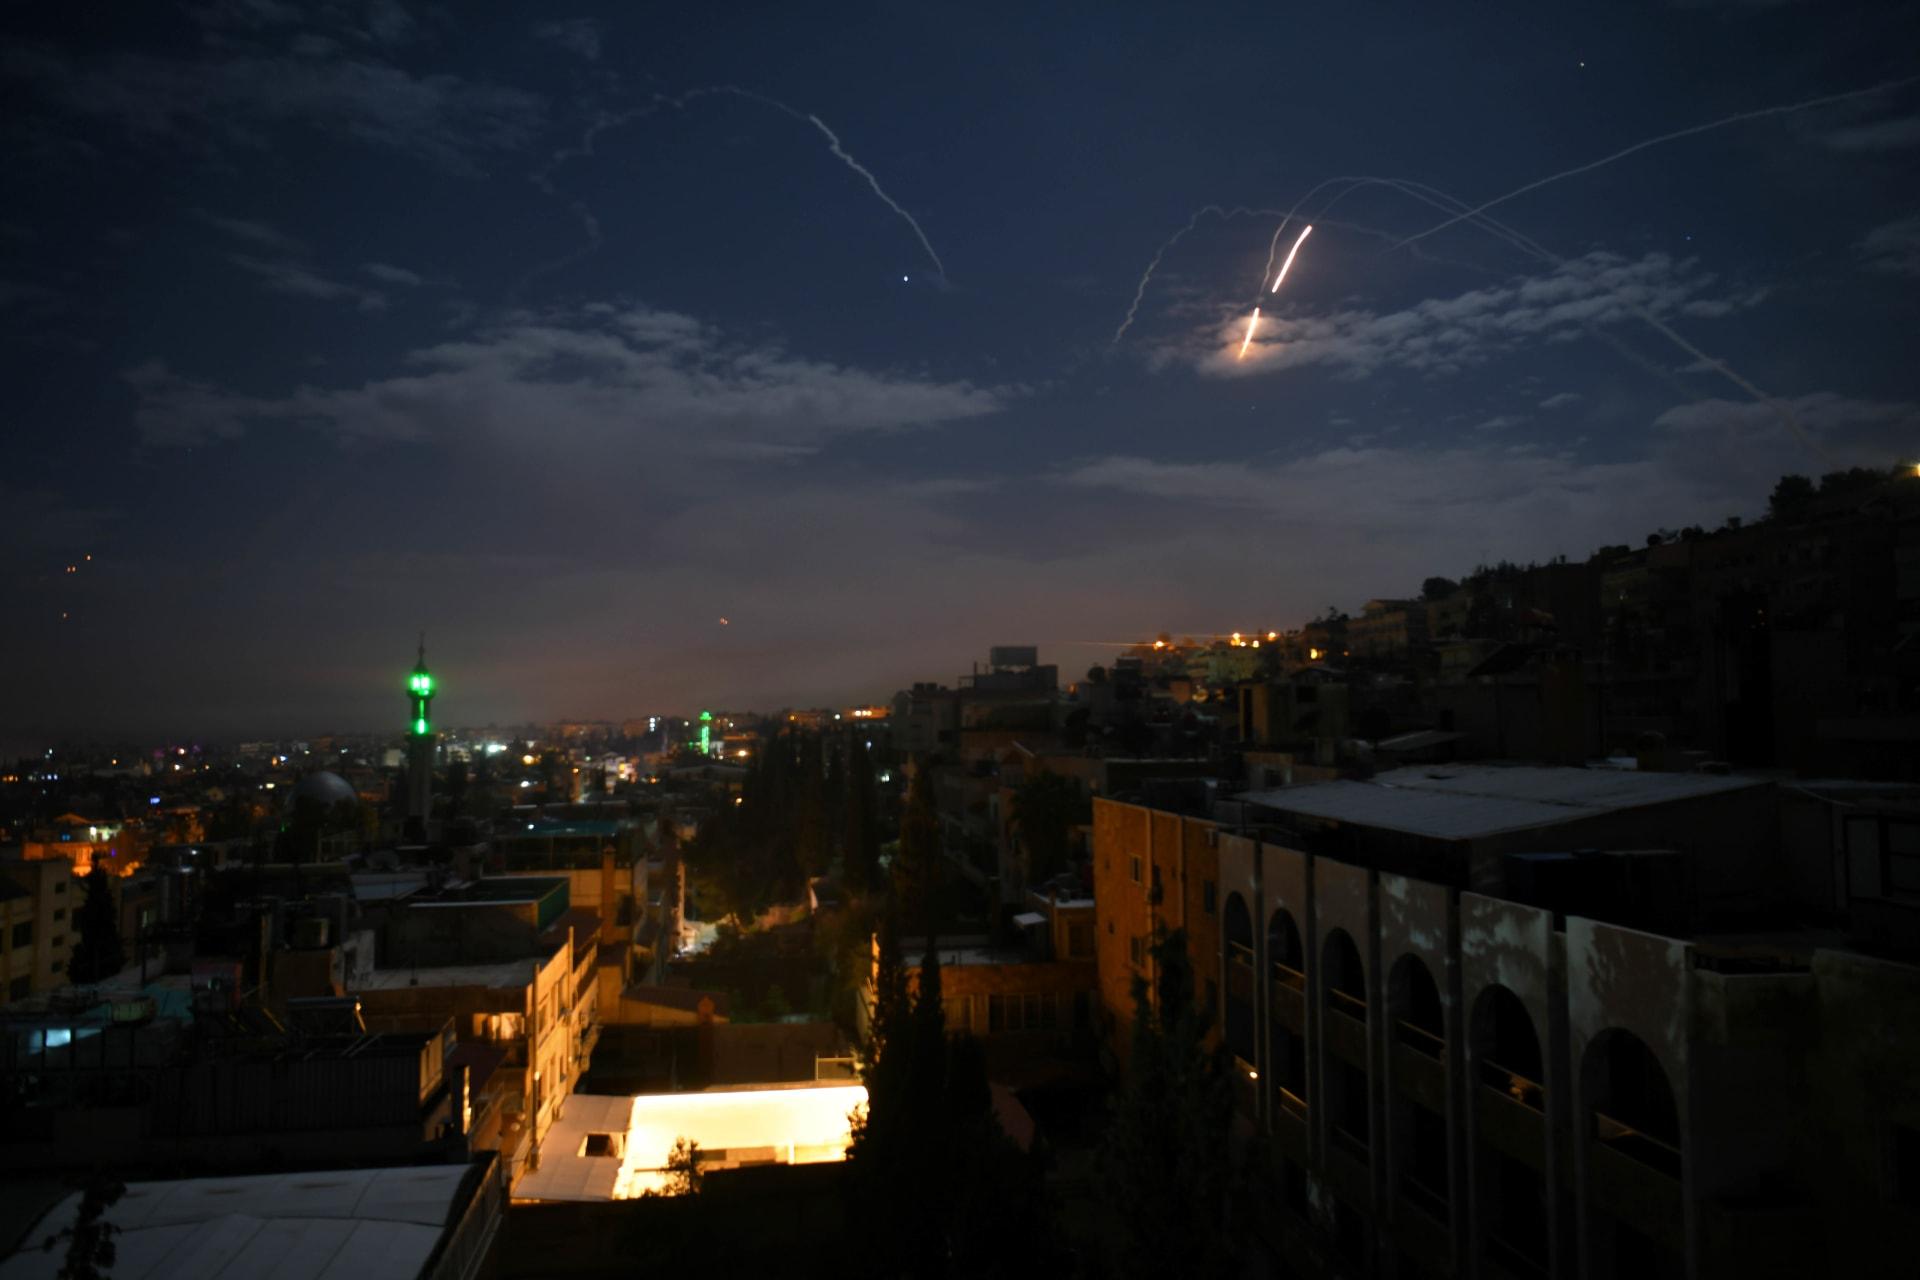 سانا: الدفاعات السورية أسقطت صواريخ إسرائيلية.. وتنشر مقاطع فيديو للحظة التصدي